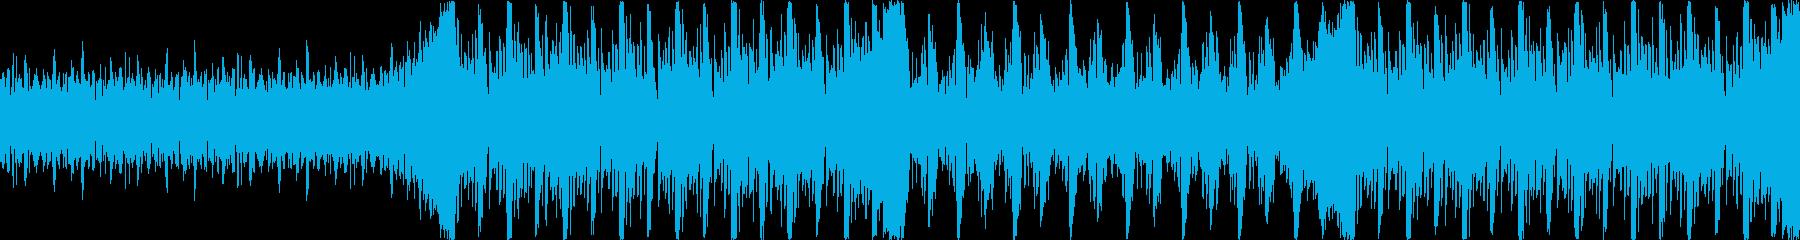 【トランス/イベントパーティー】の再生済みの波形